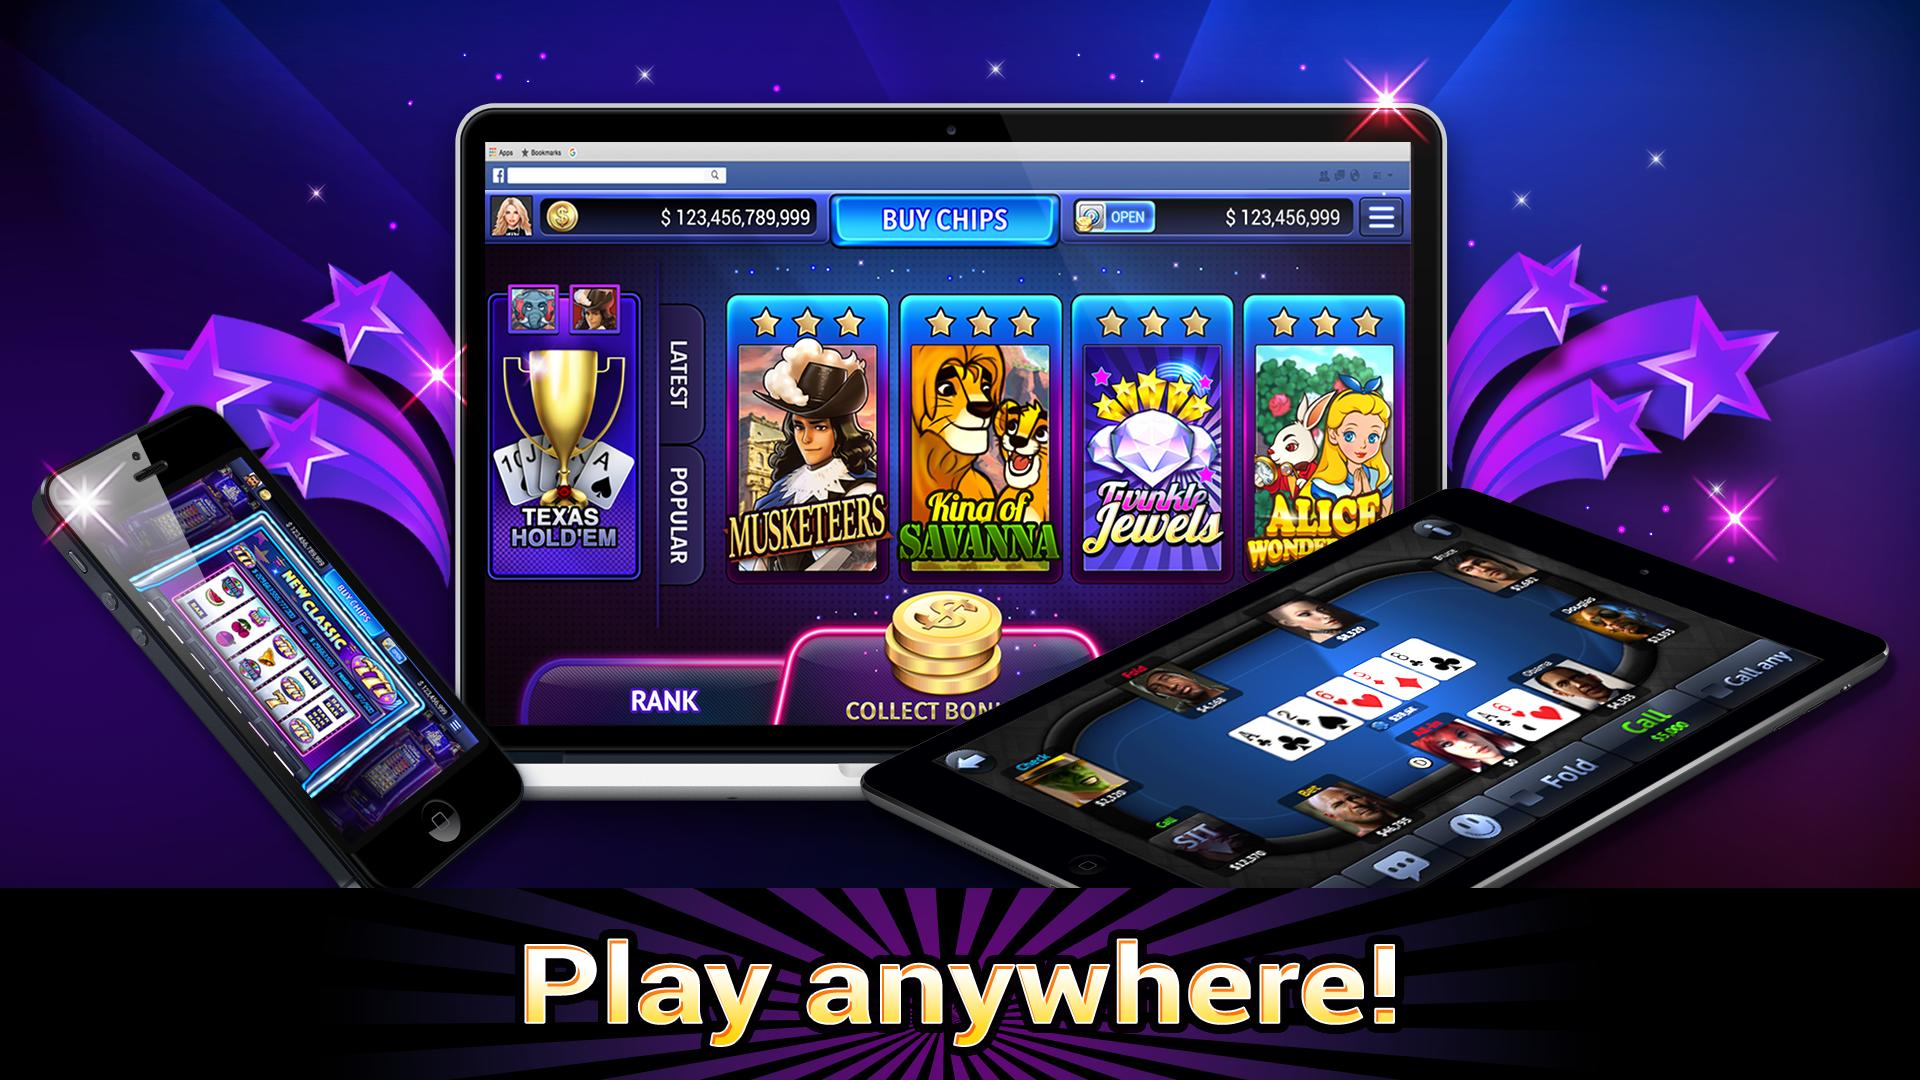 официальный сайт мобильное казино чемпион